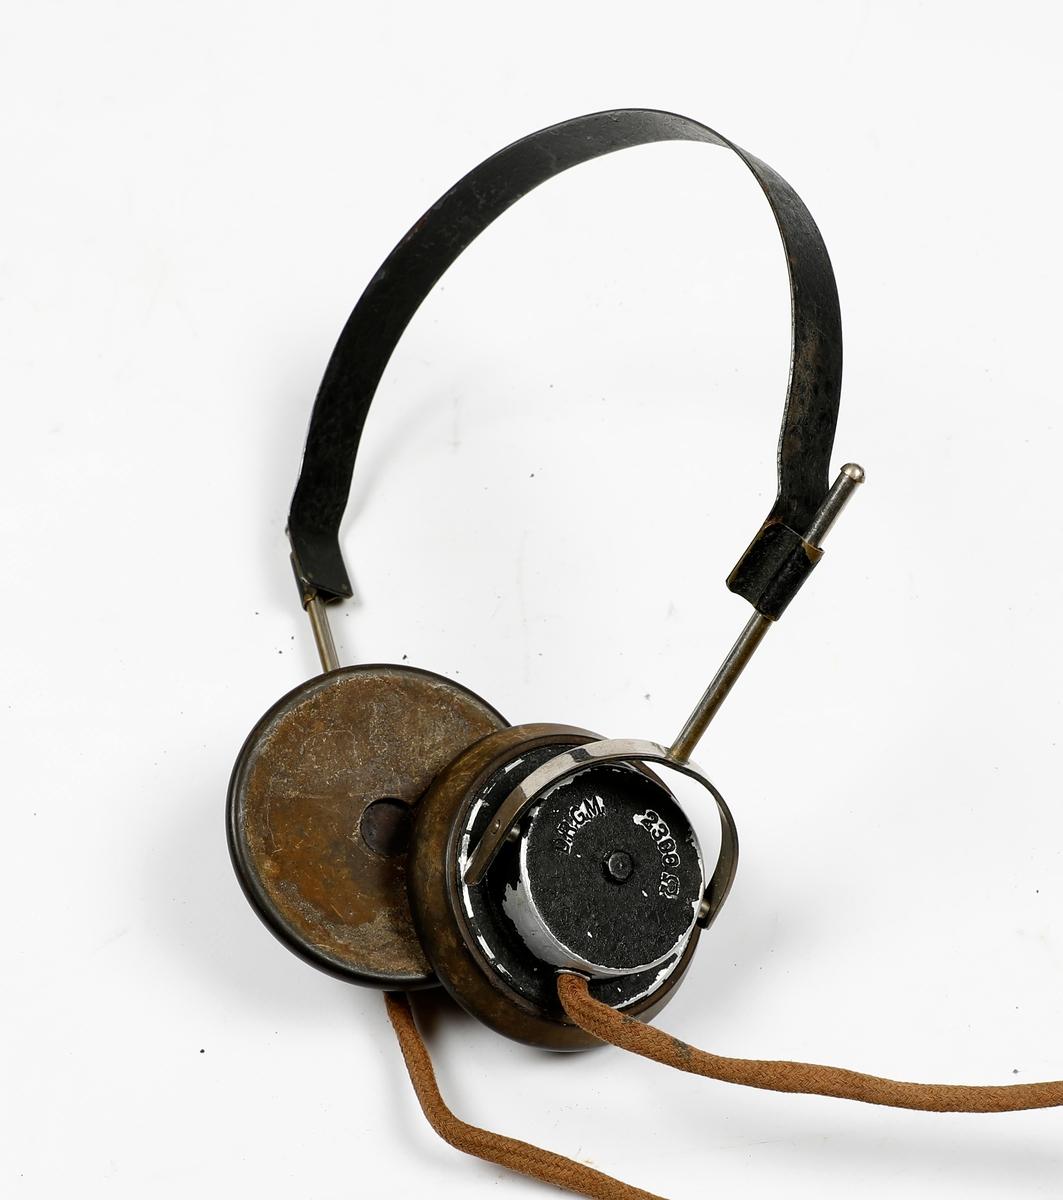 To par hodetelefoner til krystalltelefoner brukt av Luftwaffe, telefunken E.H. 555 Kopfhorer Wehrmacht Luftwaffe. Produsert i Tyskland fra 1928.